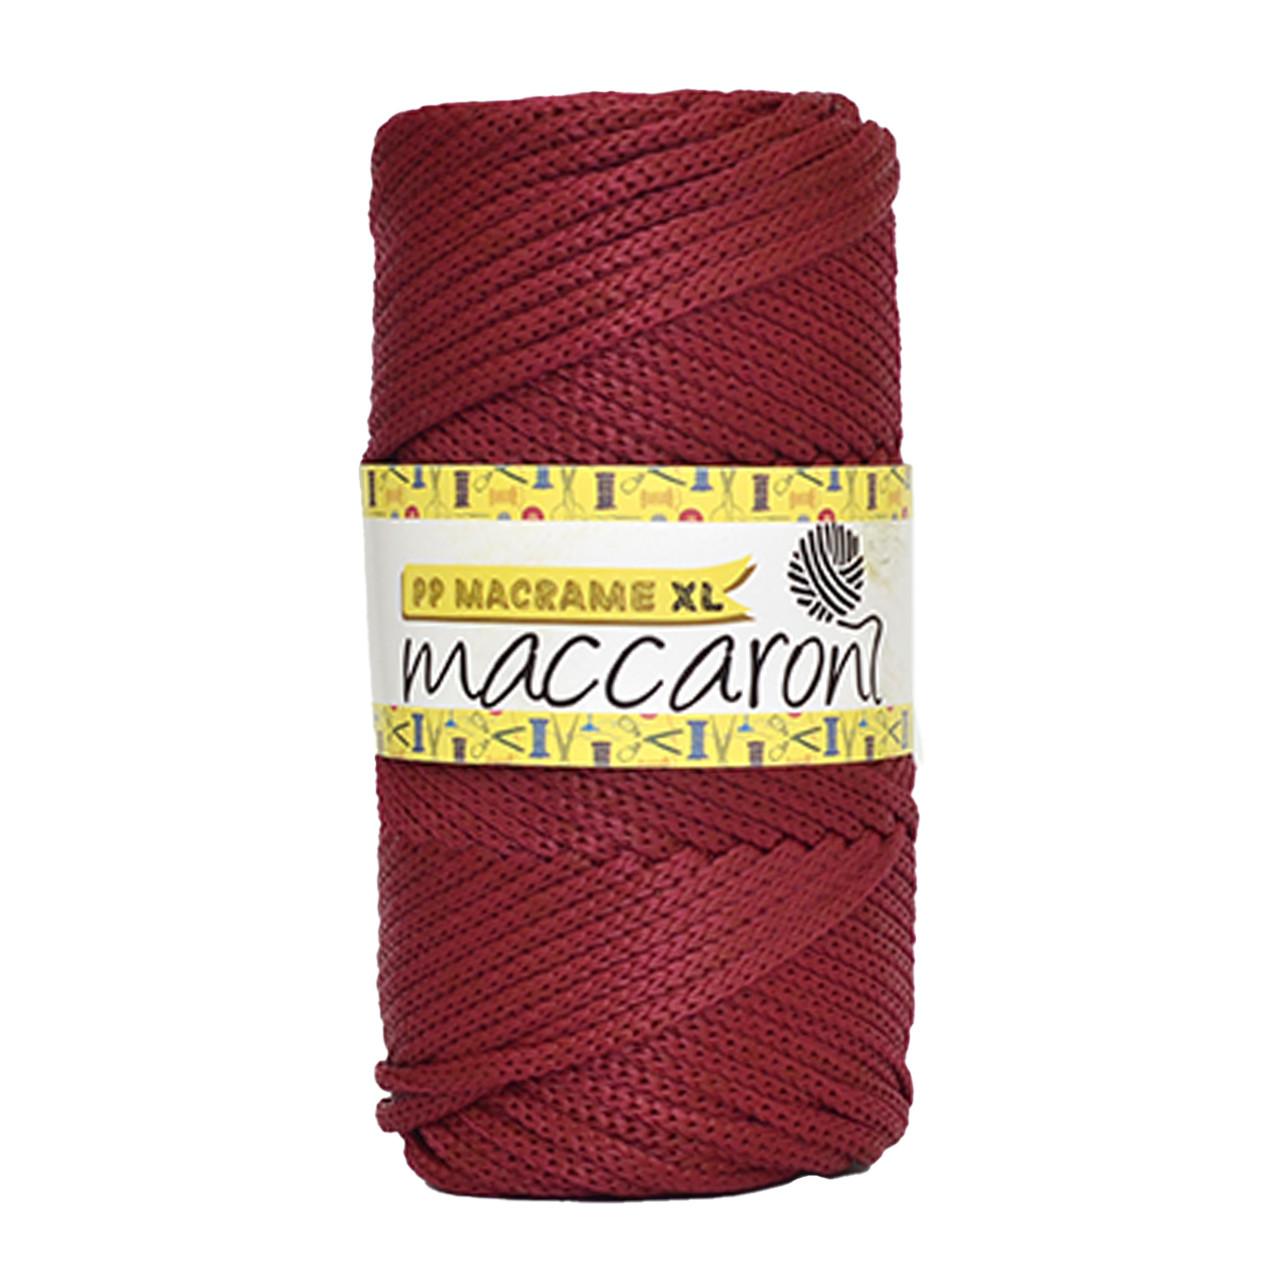 Шнур поліпропіленовий Maccaroni PP Macrame XL 4 mm Бордовий